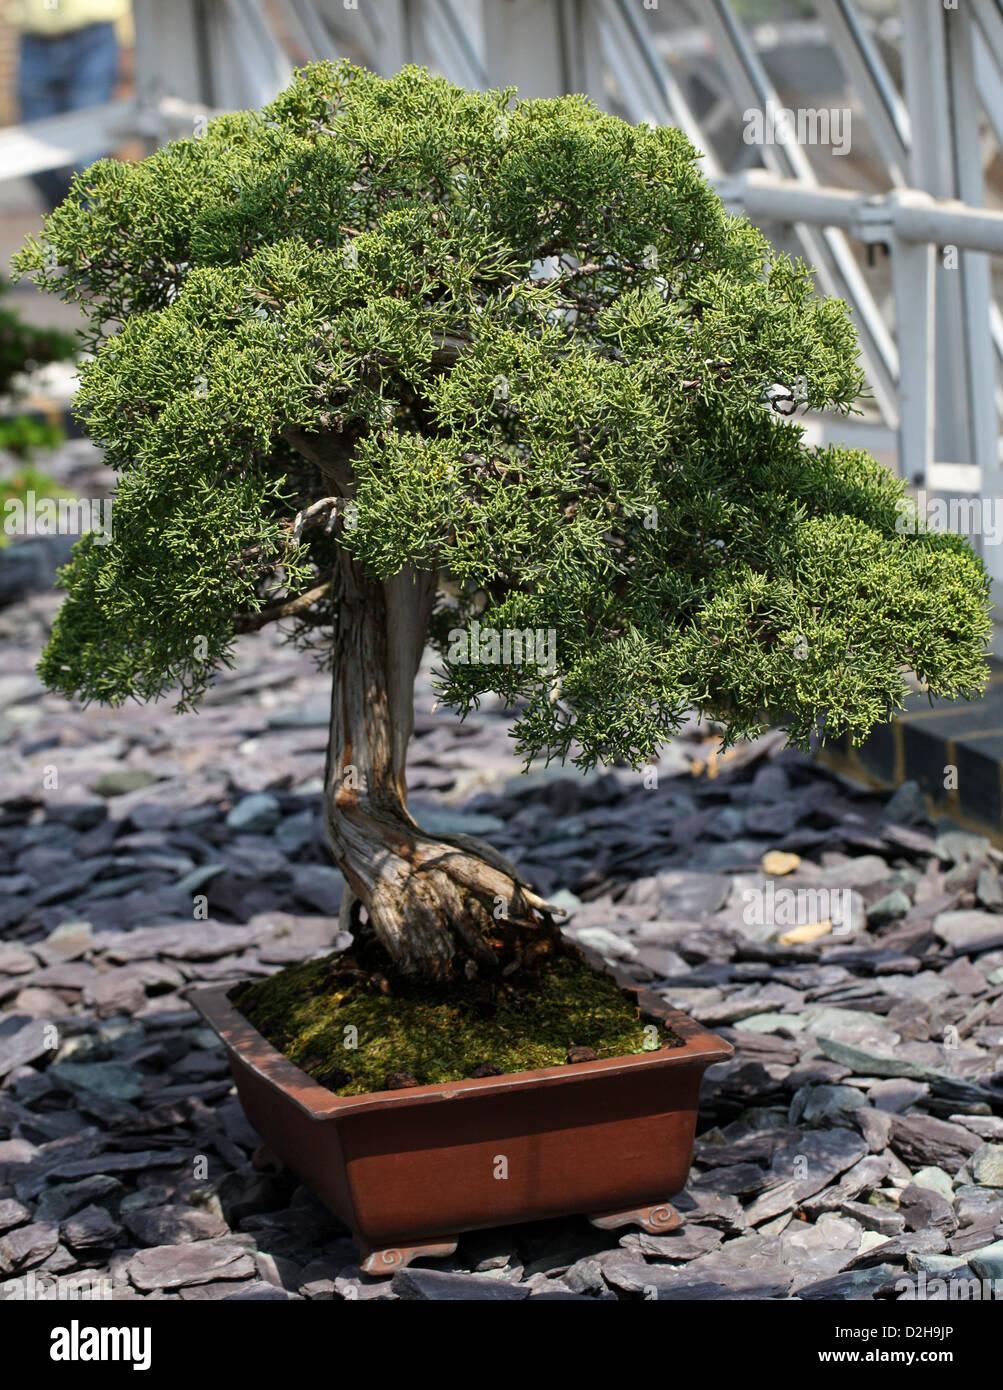 bonsai baum chinesische wacholder juniperus chinensis cupressaceae stockfoto bild 53241182. Black Bedroom Furniture Sets. Home Design Ideas